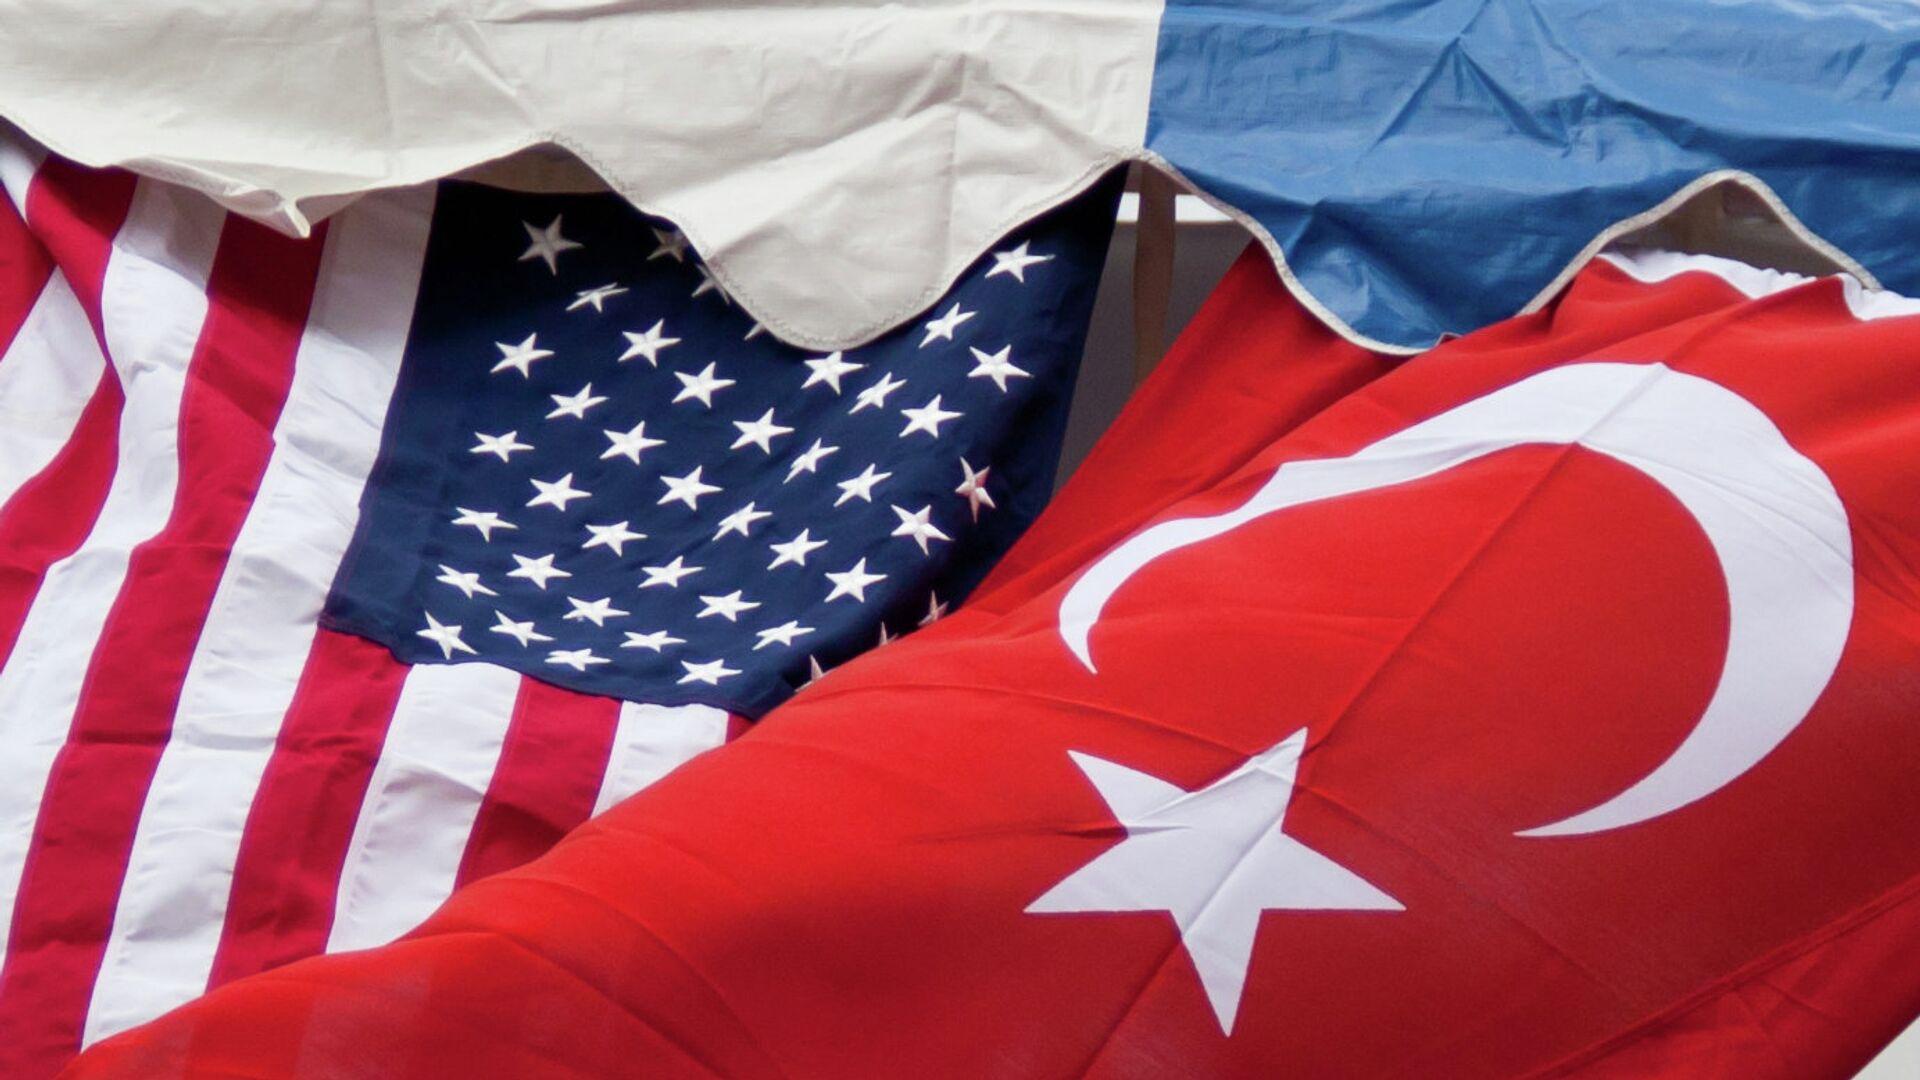 Le bandiere degli USA e della Turchia - Sputnik Italia, 1920, 02.07.2021